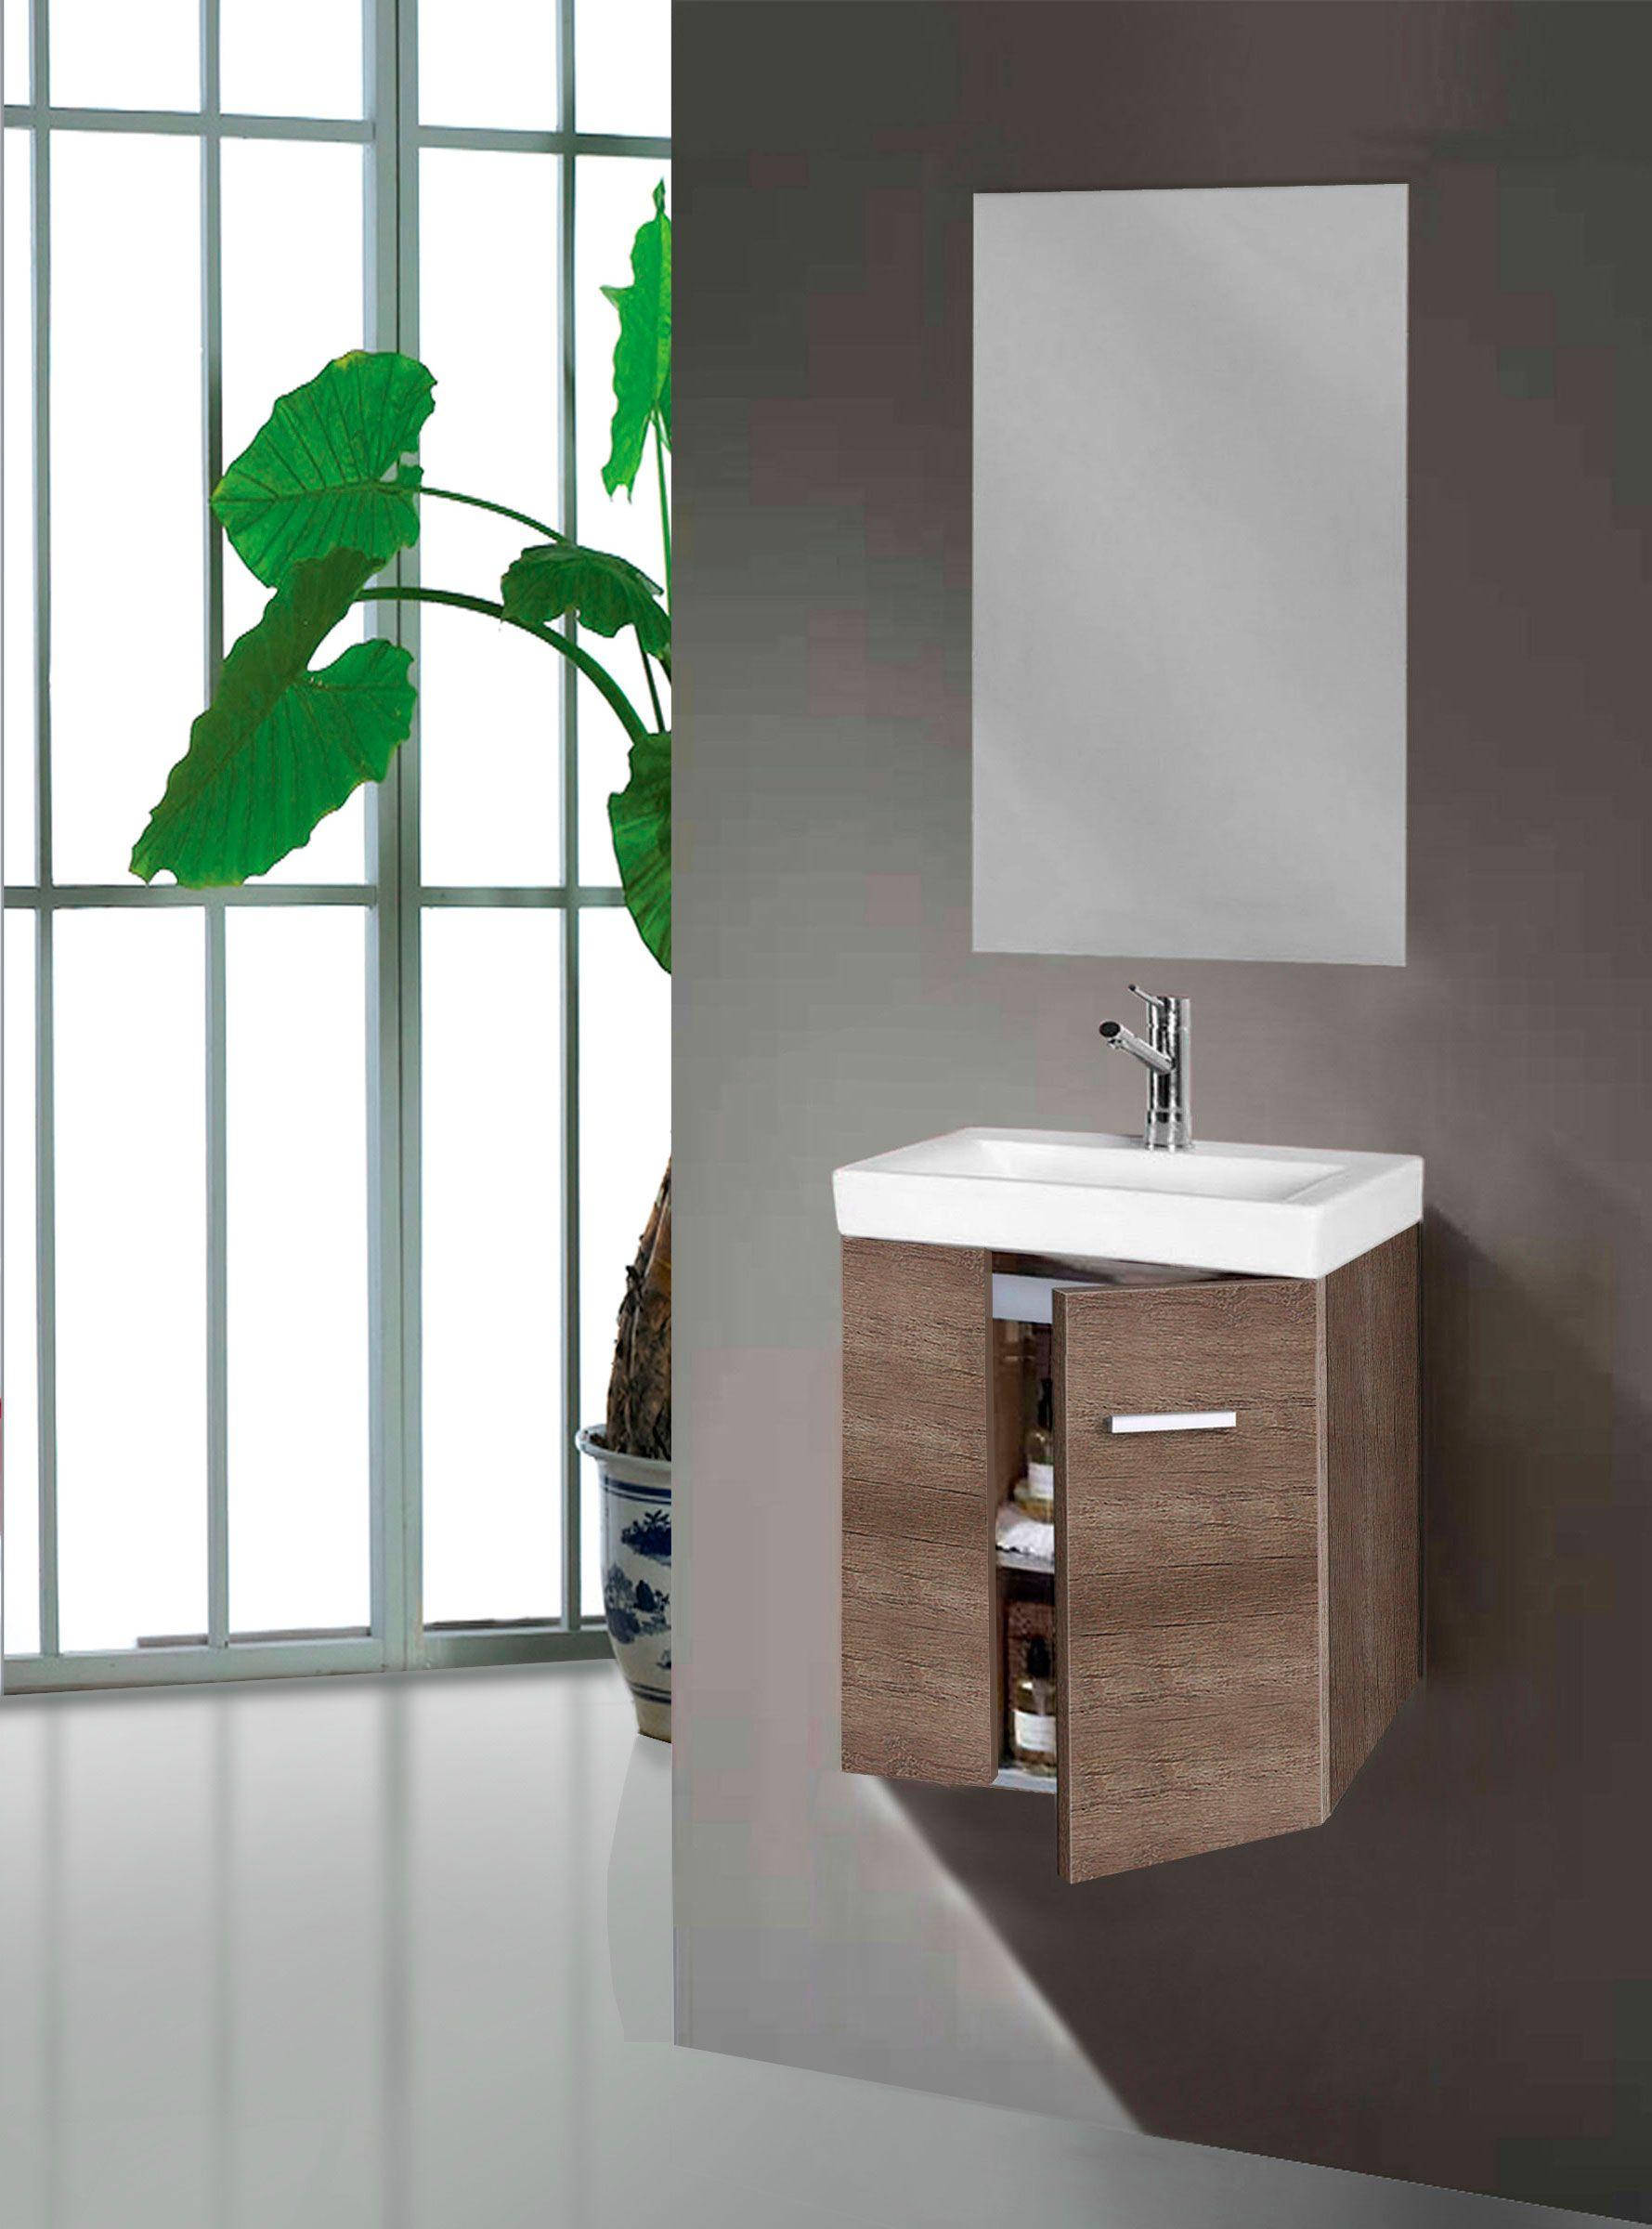 Muebles de ba o colecci n mini muebles geminis ba os - Banos muebles lavabo ...